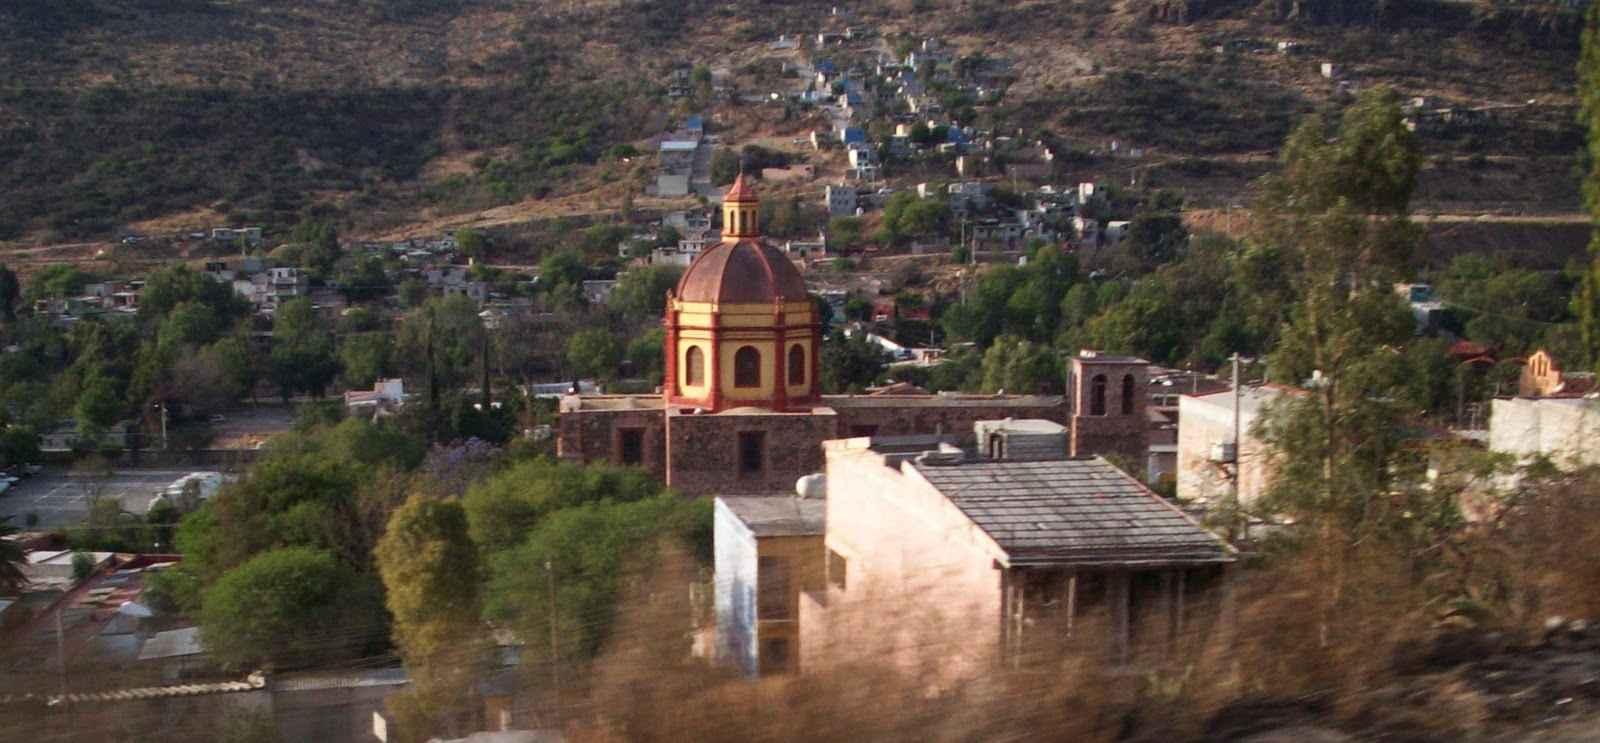 Inicia programa Infraestructura para el Hábitat en El Marqués, Querétaro